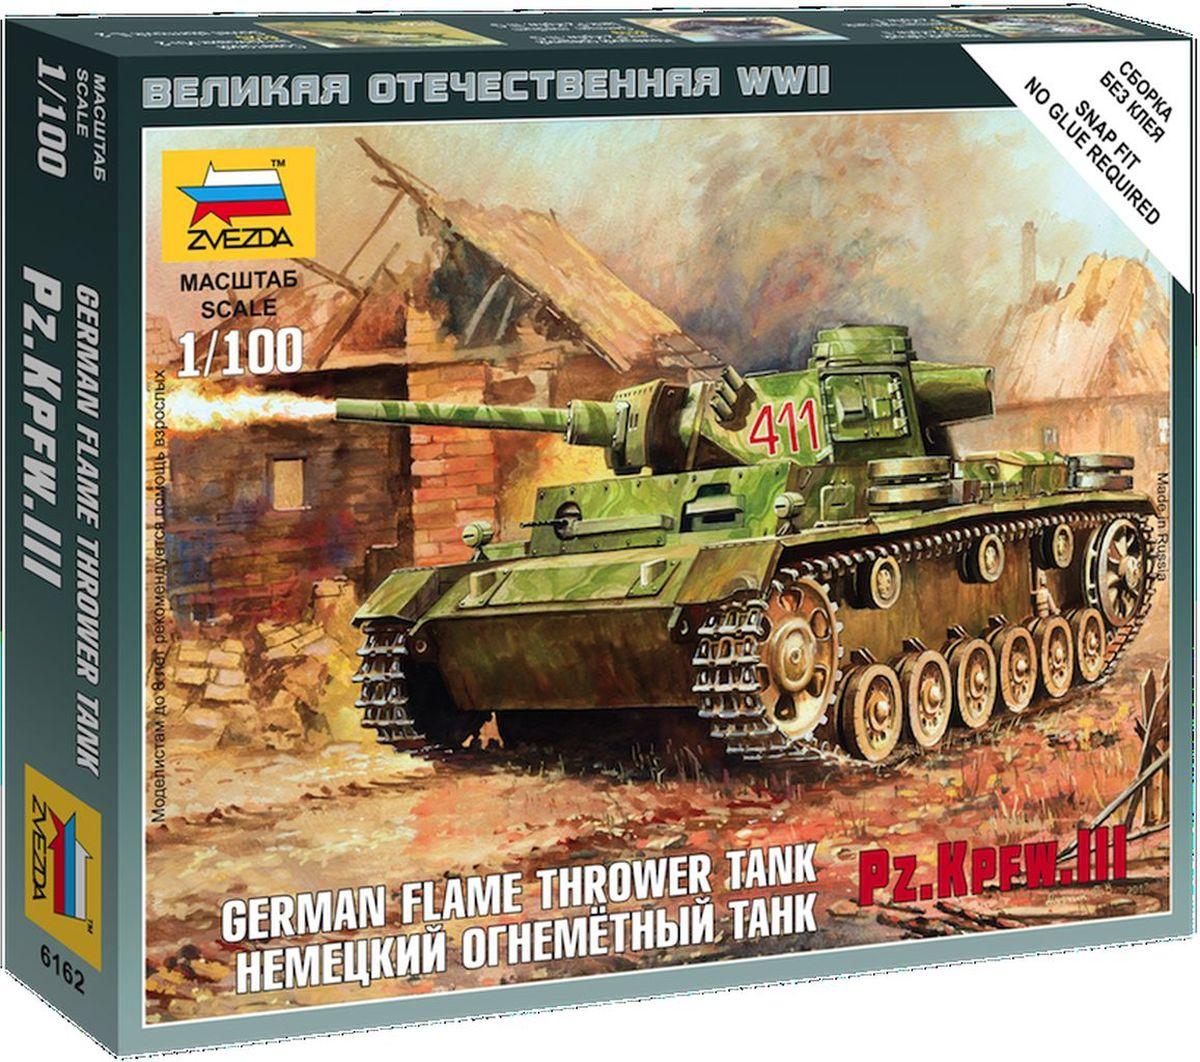 ������ ������� ������ �������� ���������� ���� Pz Kpfw III - ������6162� ������� ������� ������ ������ �������� ���������� ���� Pz.Kpfw.III �� � ��� ������� ������� ������� ����������� ����� ��������� ����������� ����� ������ ������ ������� �����. ����� �������� � ���� 10 ����������� ��������� ��� ������ �����, ���� ������, � ����� ���������� �� ������� �����. ������ ��� ����! ����������� �-3, ������������� � ������� �� ������ 1943�. ������������� ������������ ������ ���� � ������� ����. ������� ������ � ������ �������� ���� �� �������. ���������� � ��� ���������� ����� ����. 41 ����� ������ ������� ������� � ���� ��� ������� � 1943 ����. ������� ������ ��������� ���������������� � ���������������� �����������, ����������� � �������������� ��������, � ����� ��������� ������������ ������ ������ �� ������� � ���������. ������ �� ����������. ������ ��������� ��������.